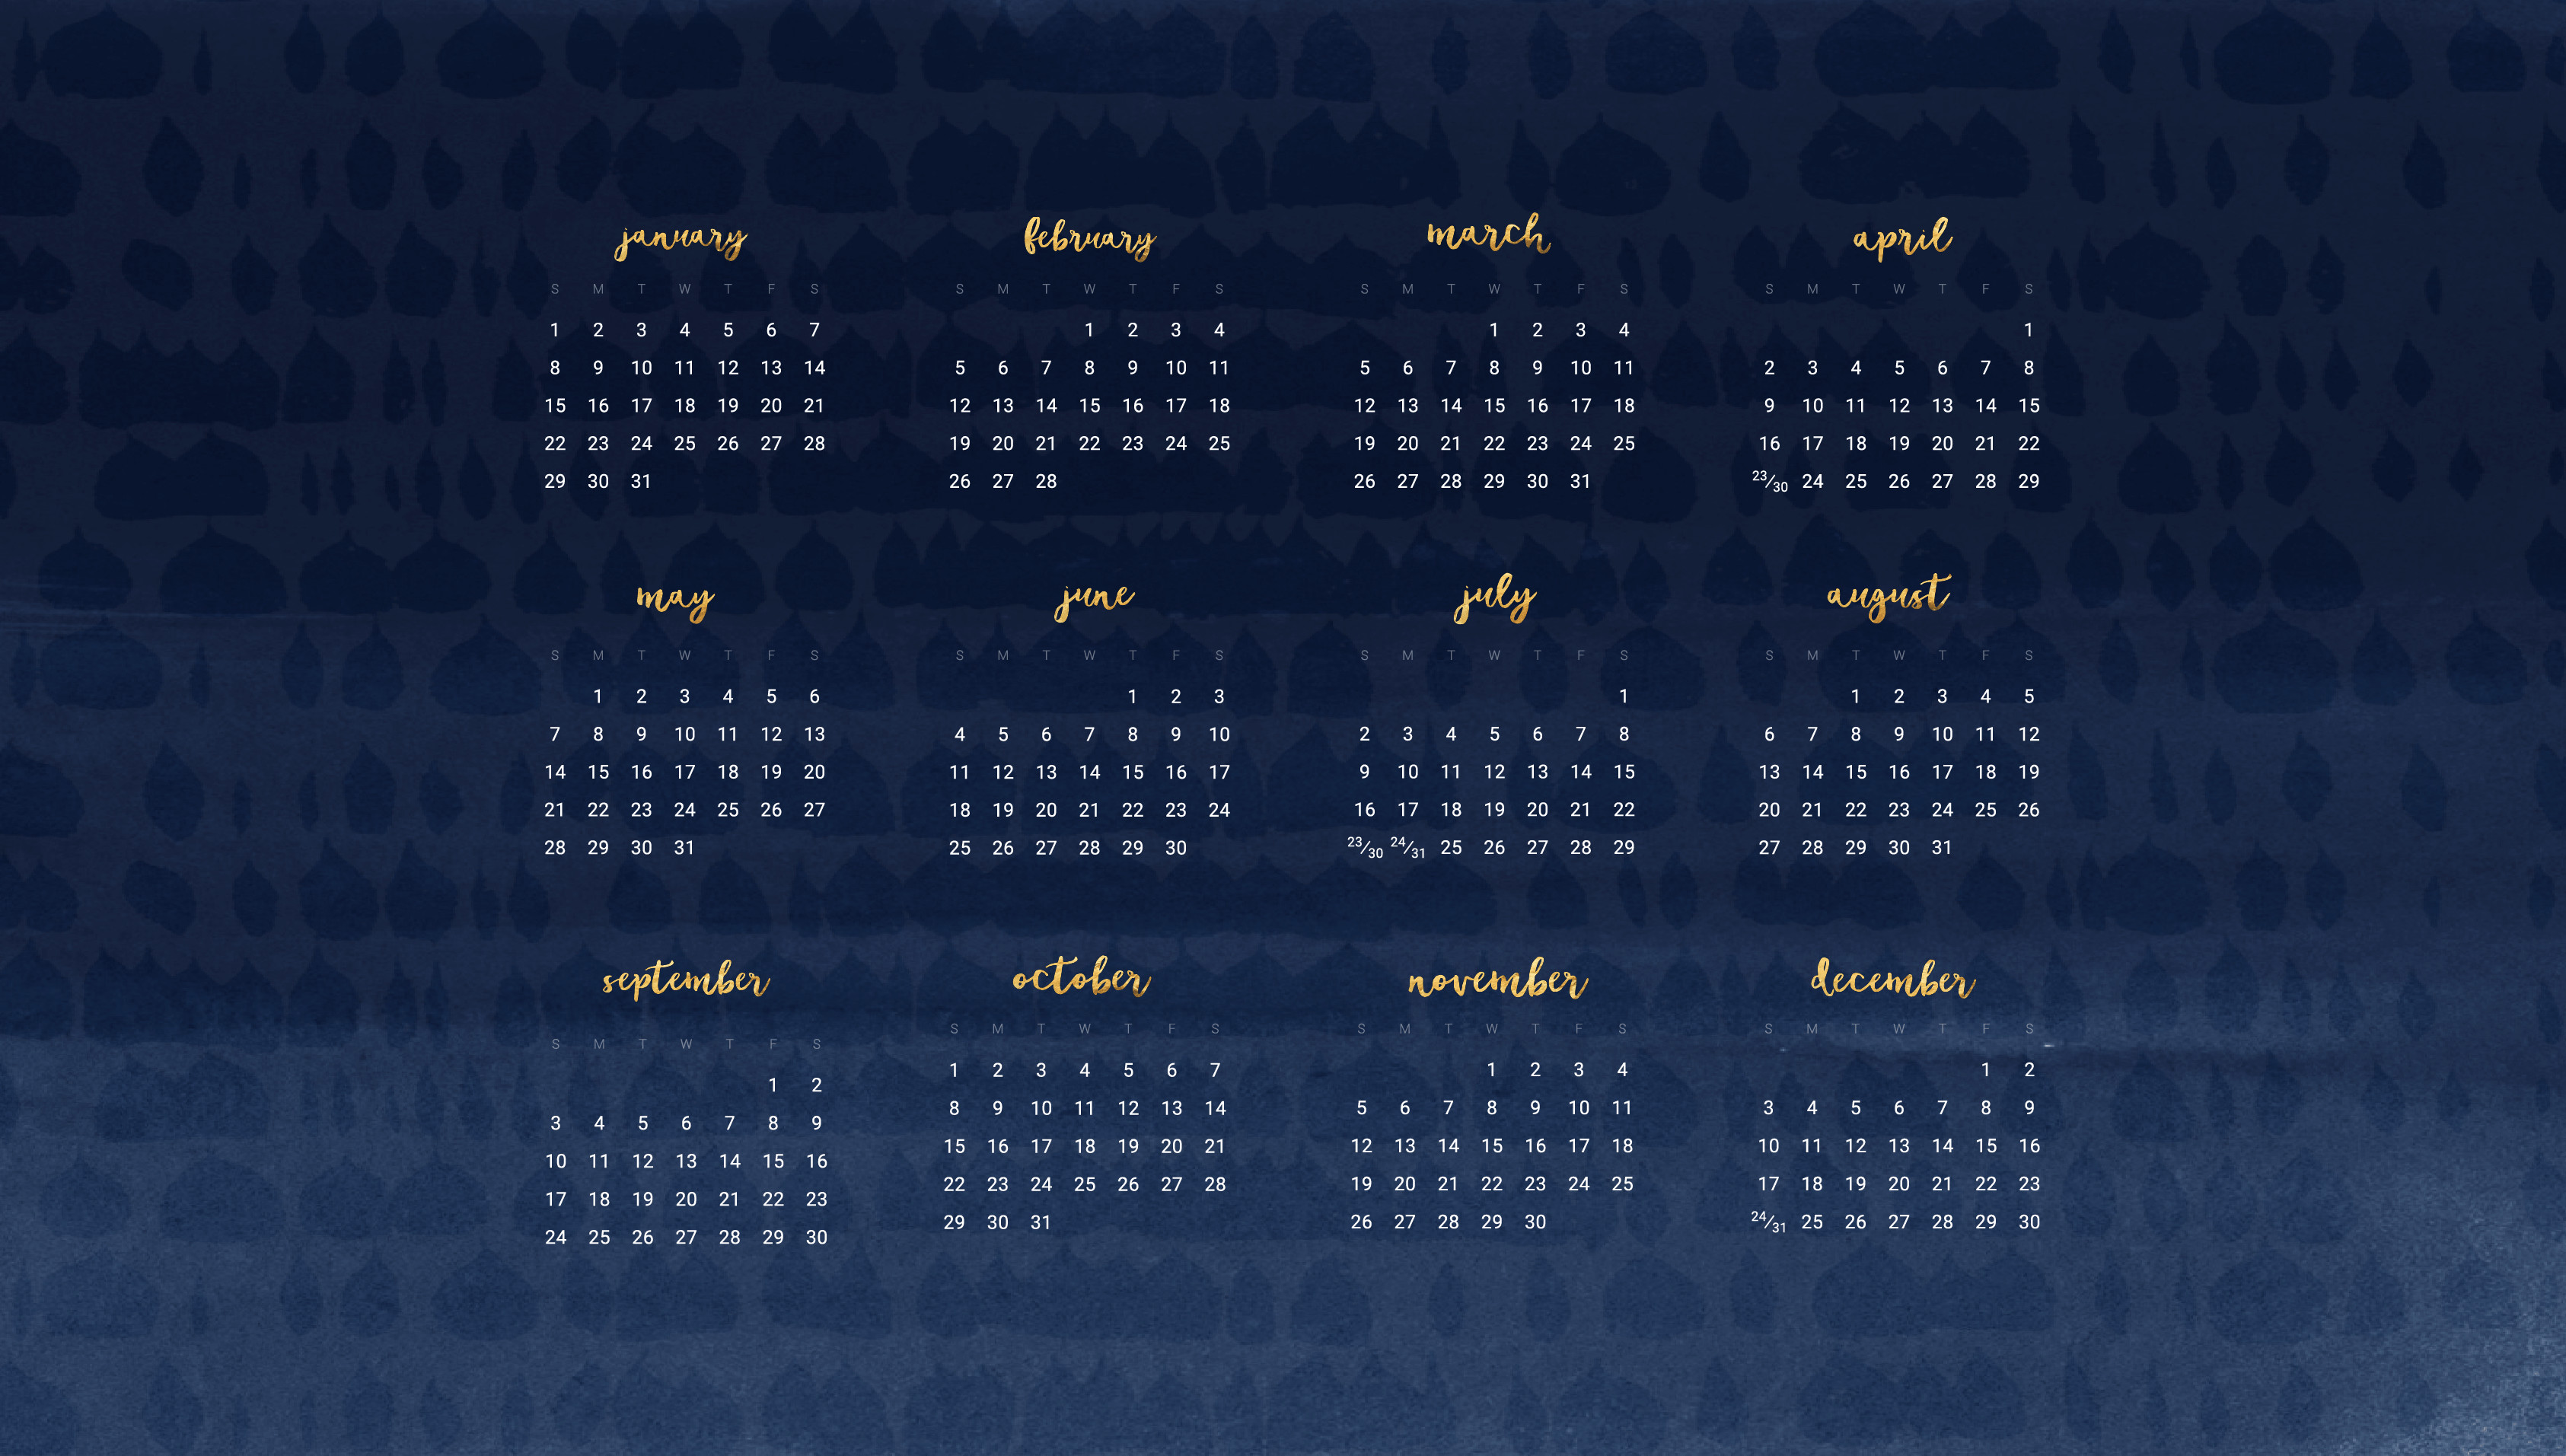 Desktop Wallpaper Calendar 2018 (59+